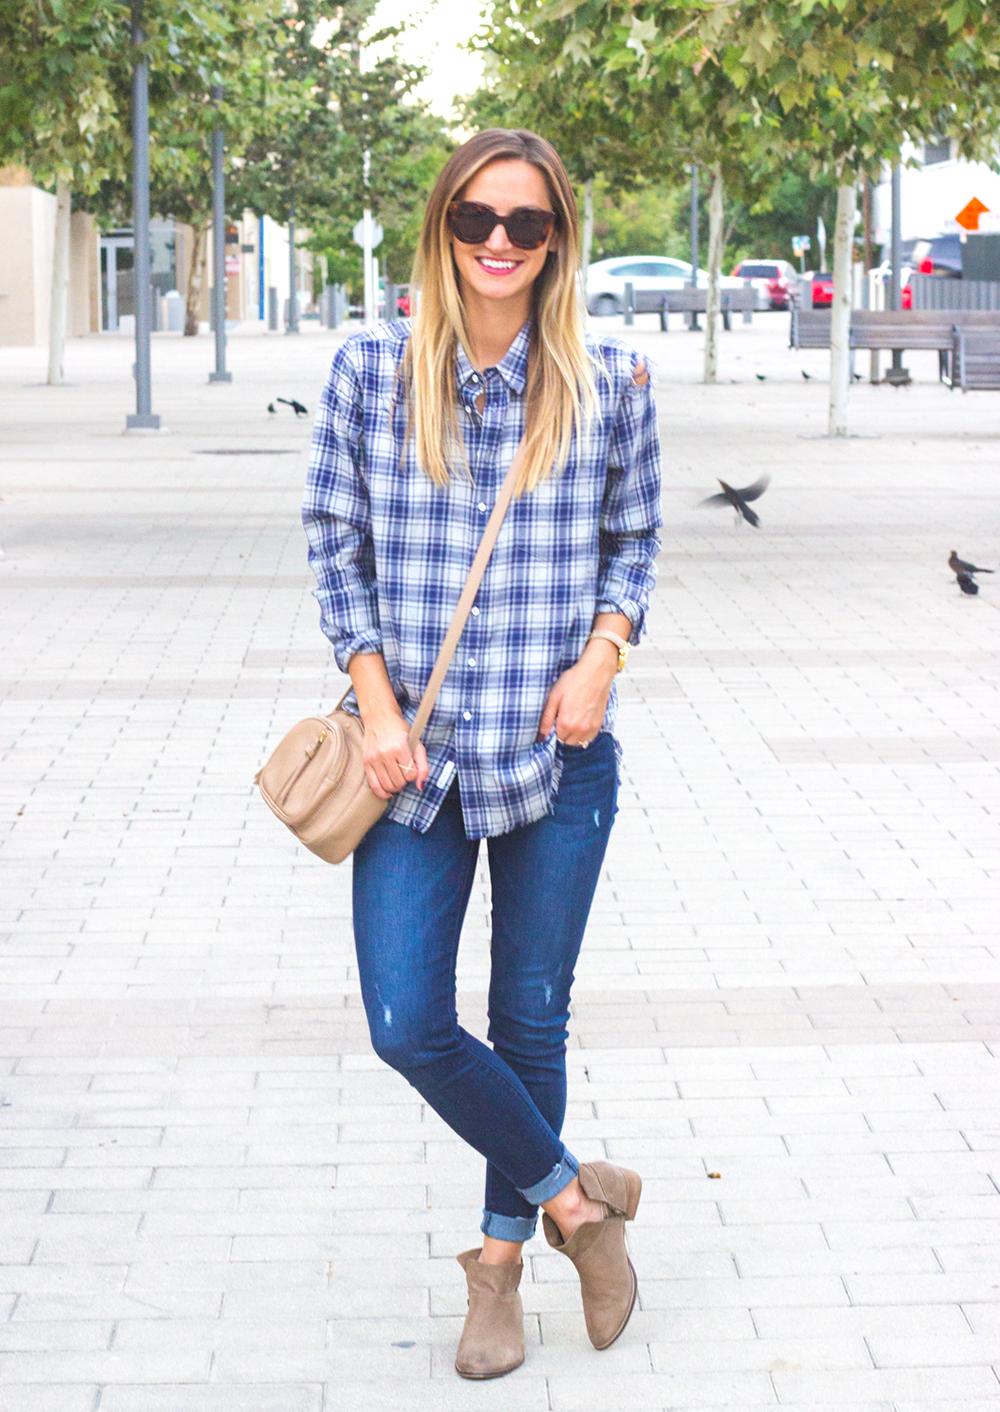 livvyland-blog-olivia-watson-dl1961-emma-barbwire-jeans-blue-shirt-shop-kelly-wynne-dear-512-handbag-4